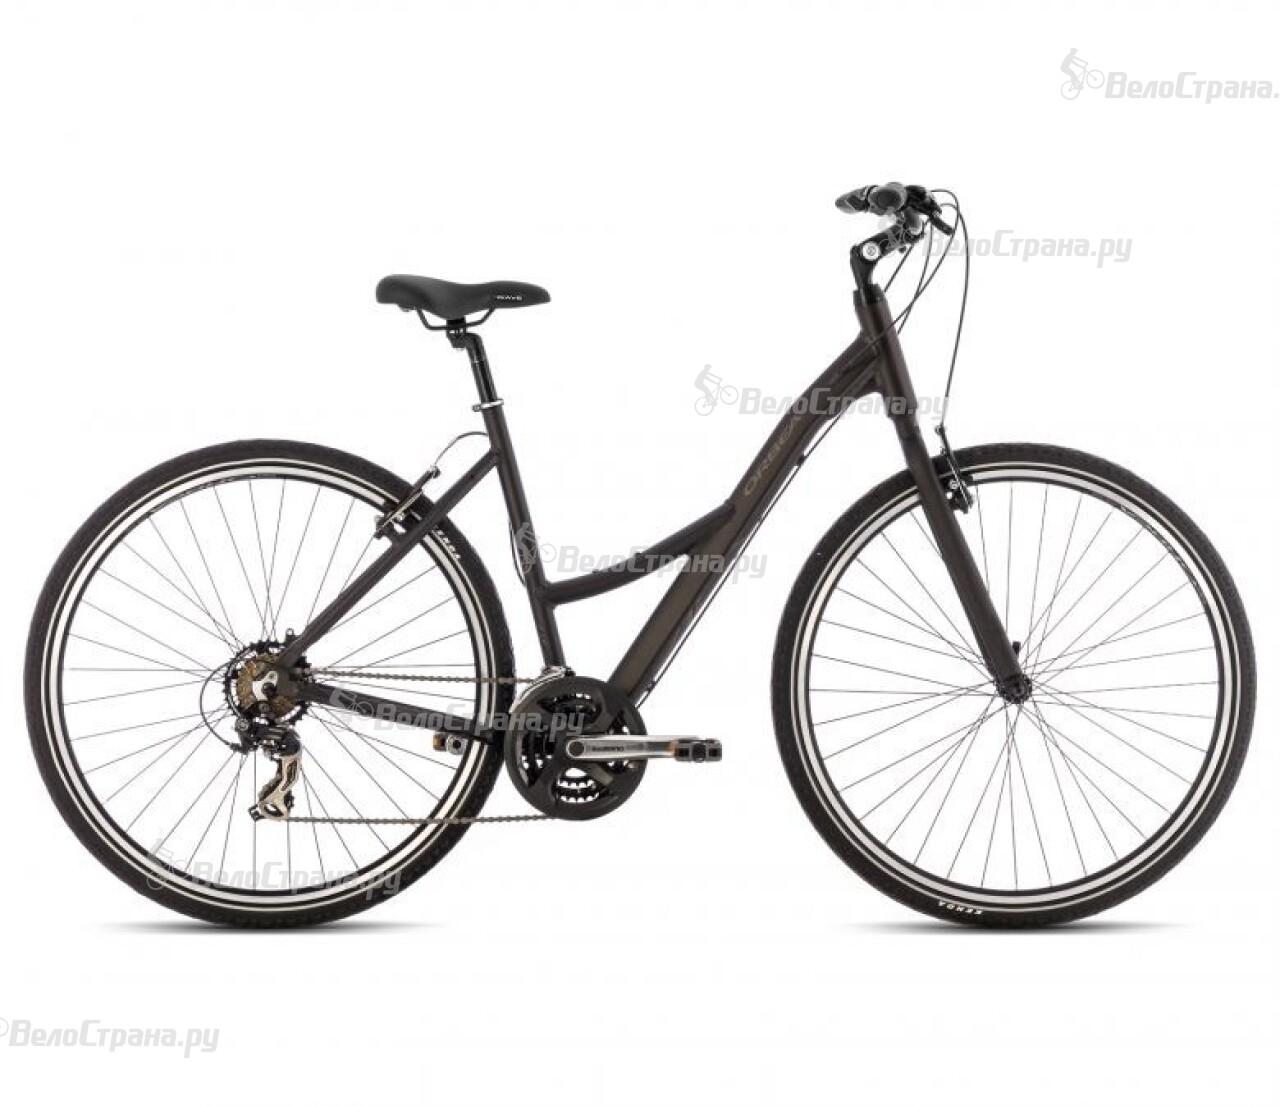 Велосипед Orbea Comfort 28 30 Open (2014) велосипед orbea comfort 26 30 open eq 2014